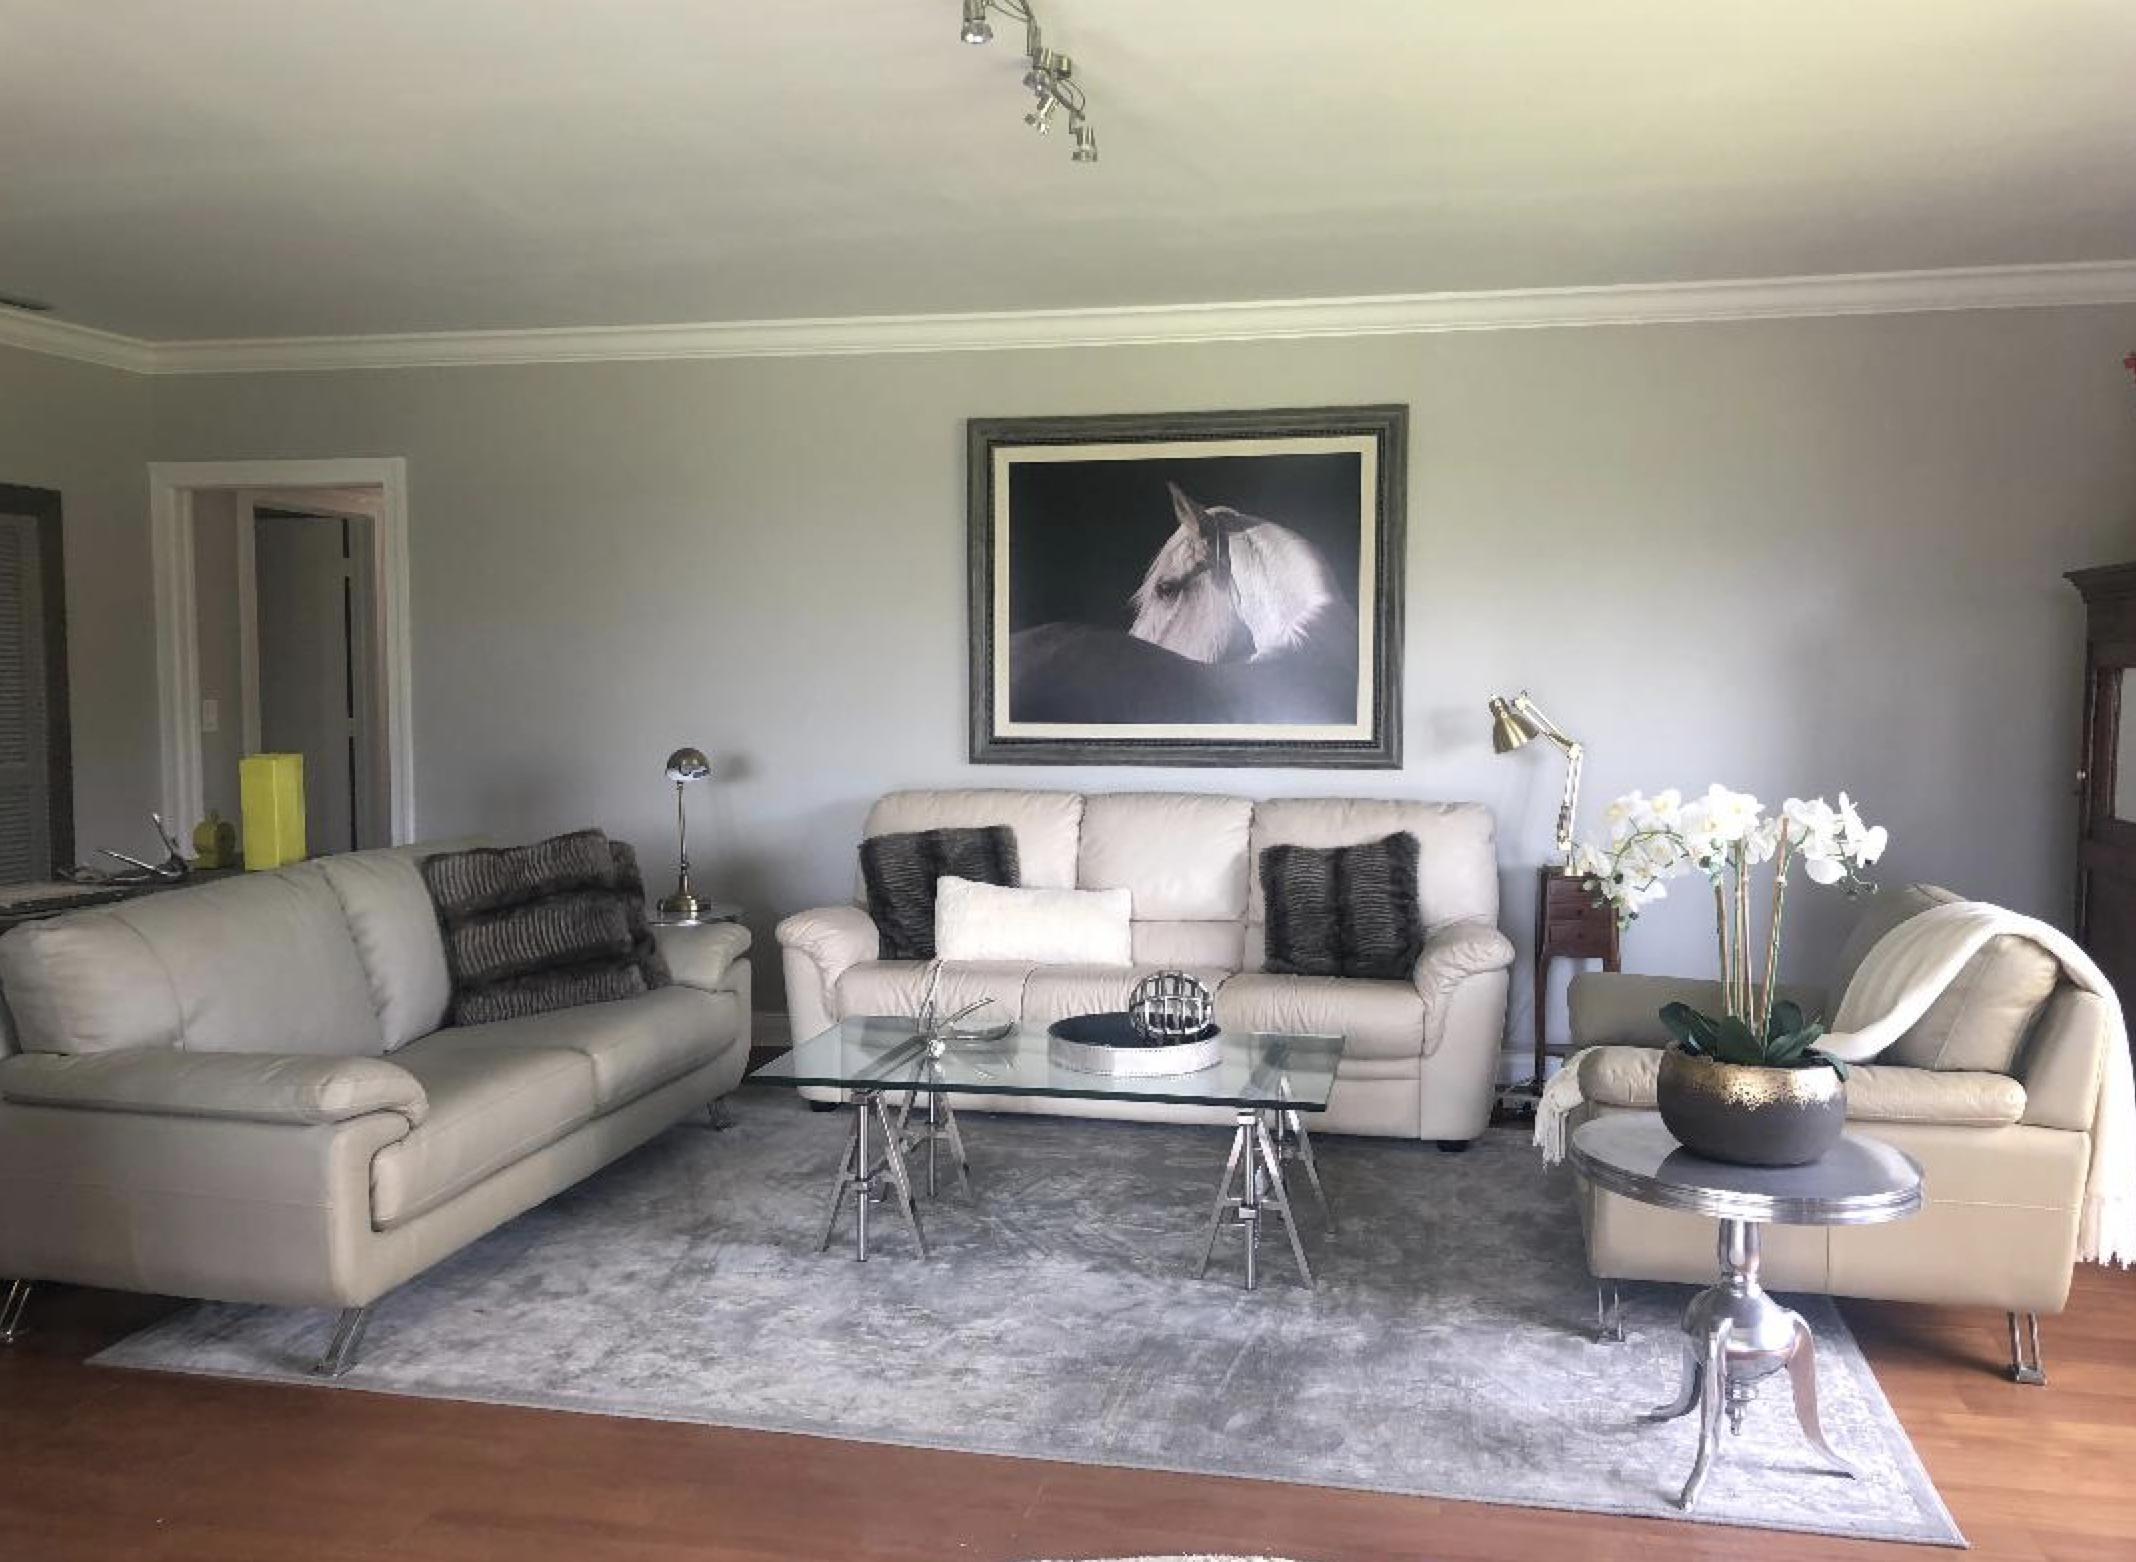 13254 Polo Club Road, Wellington, Florida 33414, 3 Bedrooms Bedrooms, ,3 BathroomsBathrooms,Condo/Coop,For Rent,Polo Club,2,RX-10478148